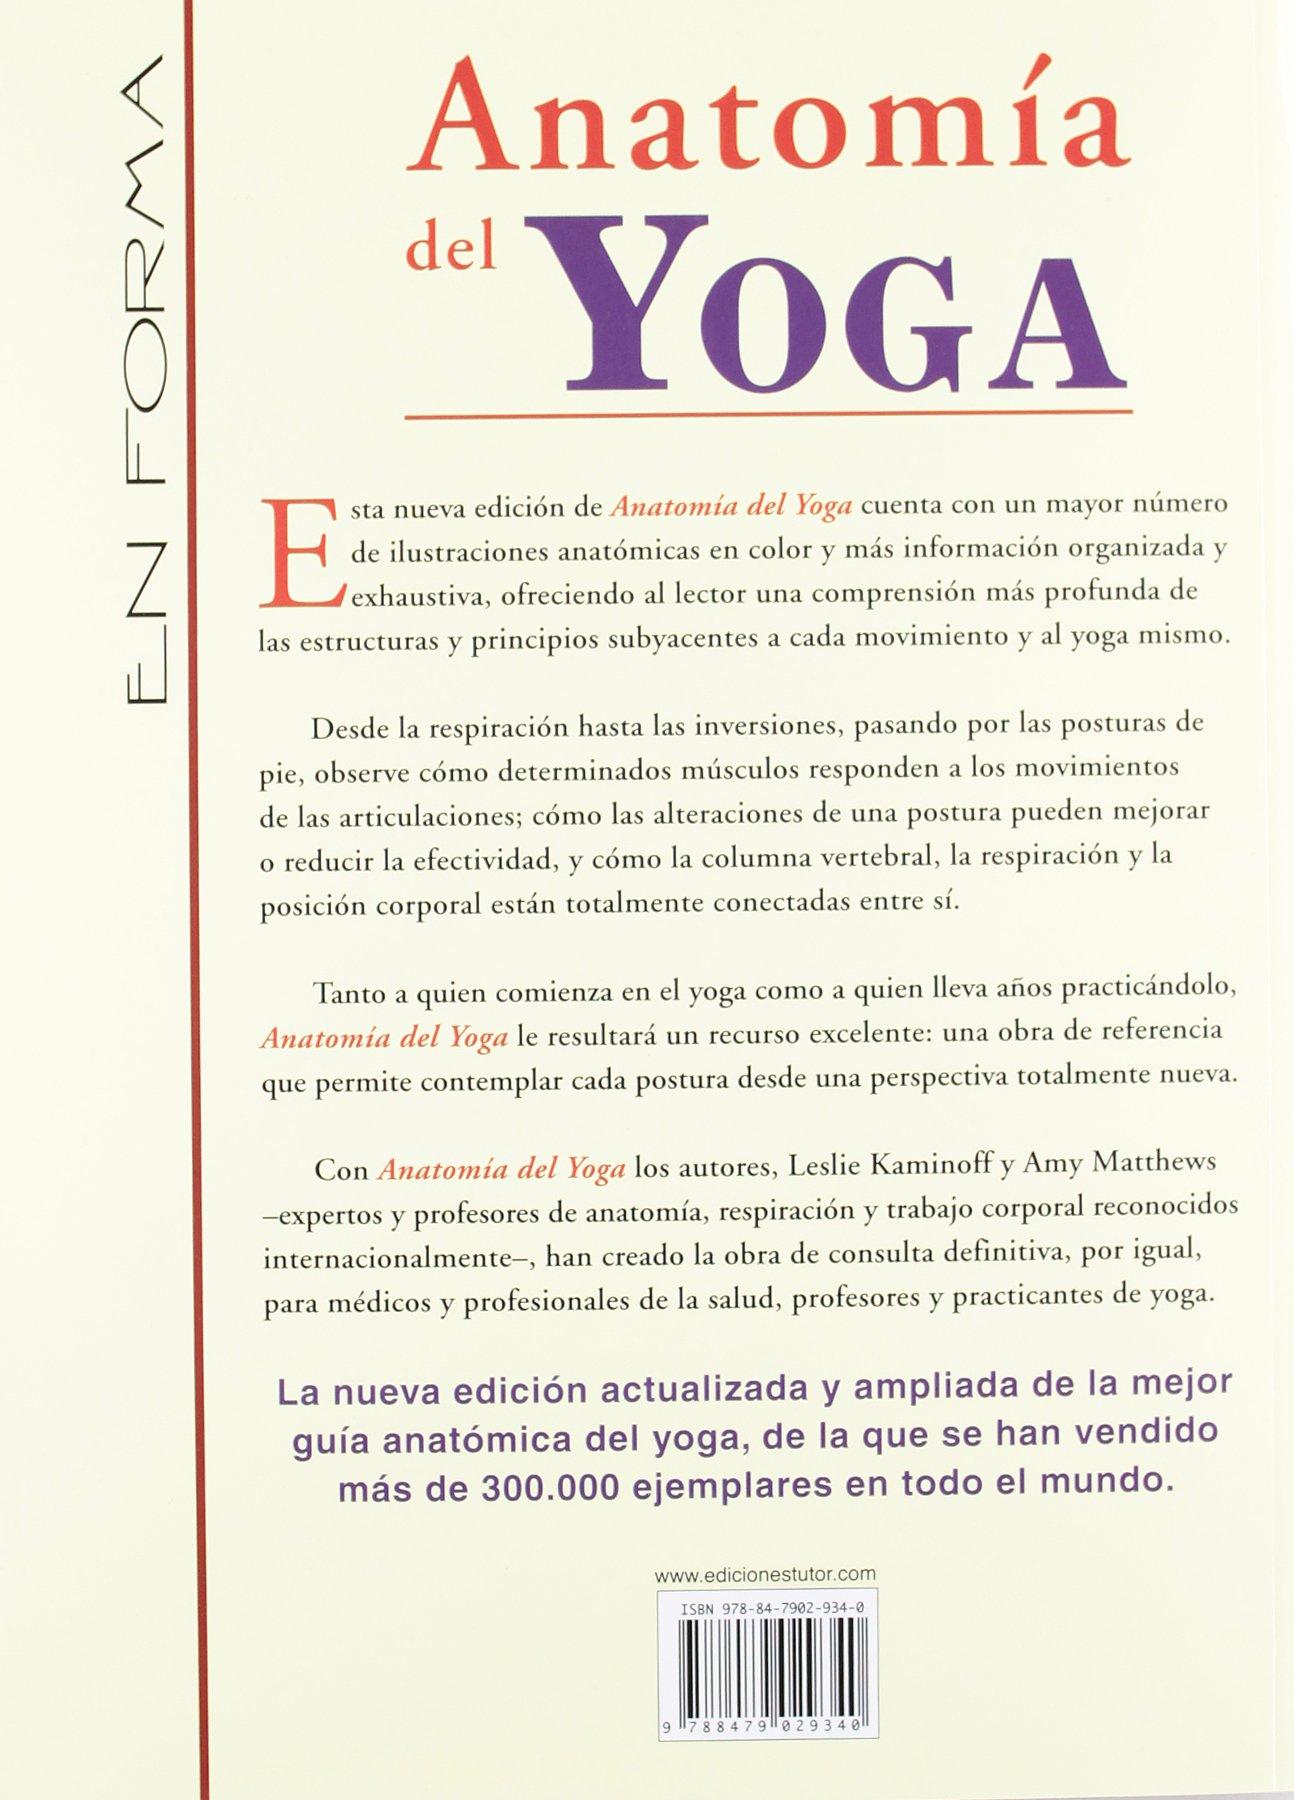 ANATOMIA DEL YOGA NUEVA EDICION AMPLIADA: Nueva edición ...